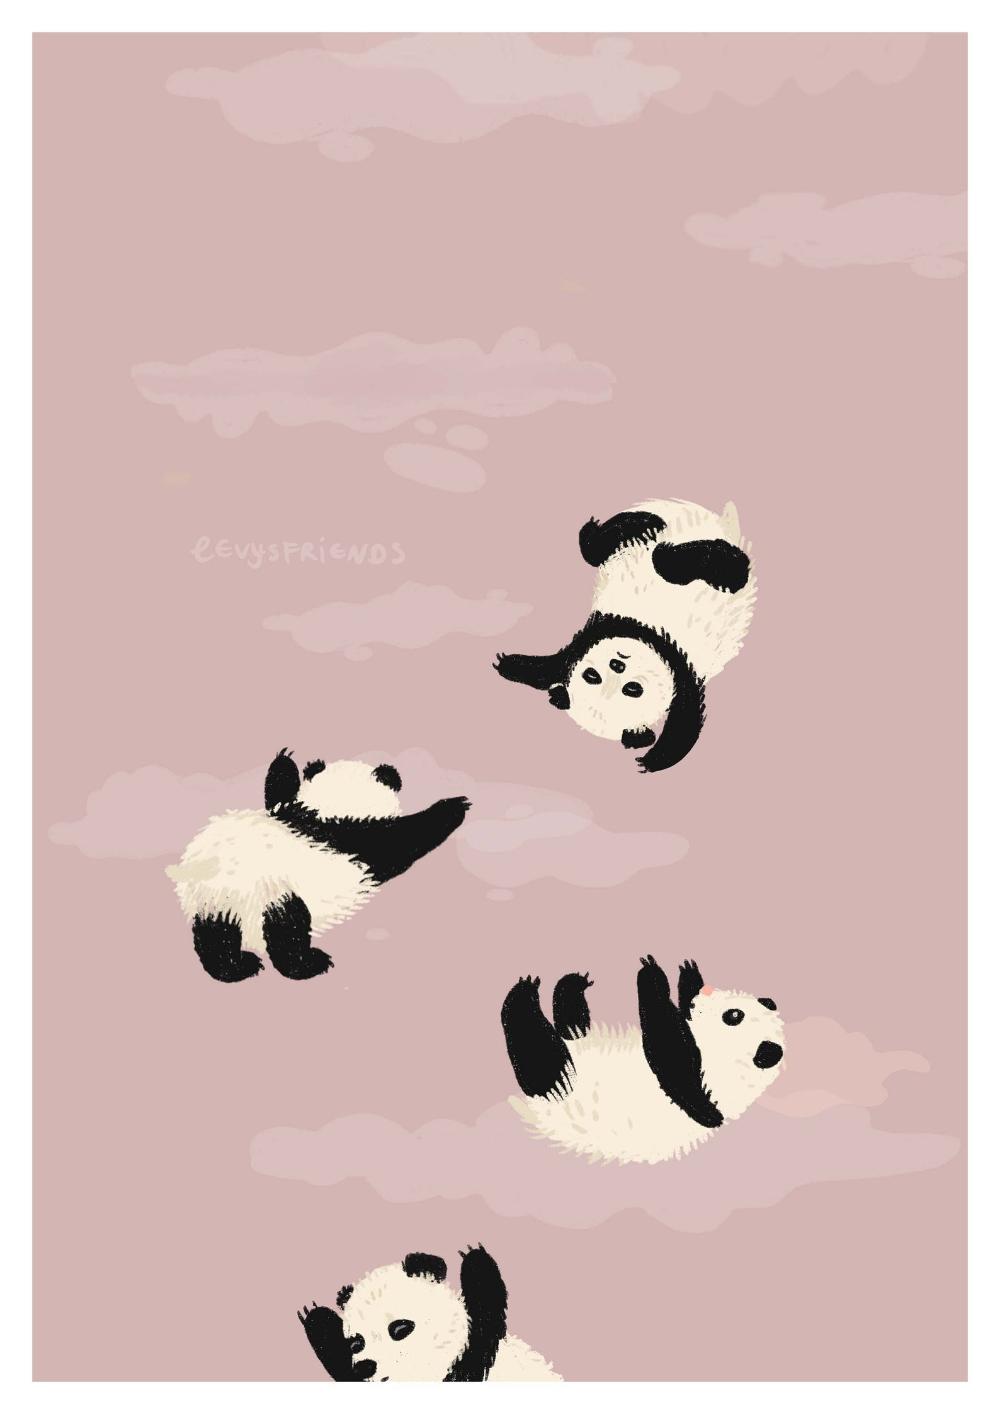 Panda Art Print Panda Illustration Panda Wall Art Panda Drawing